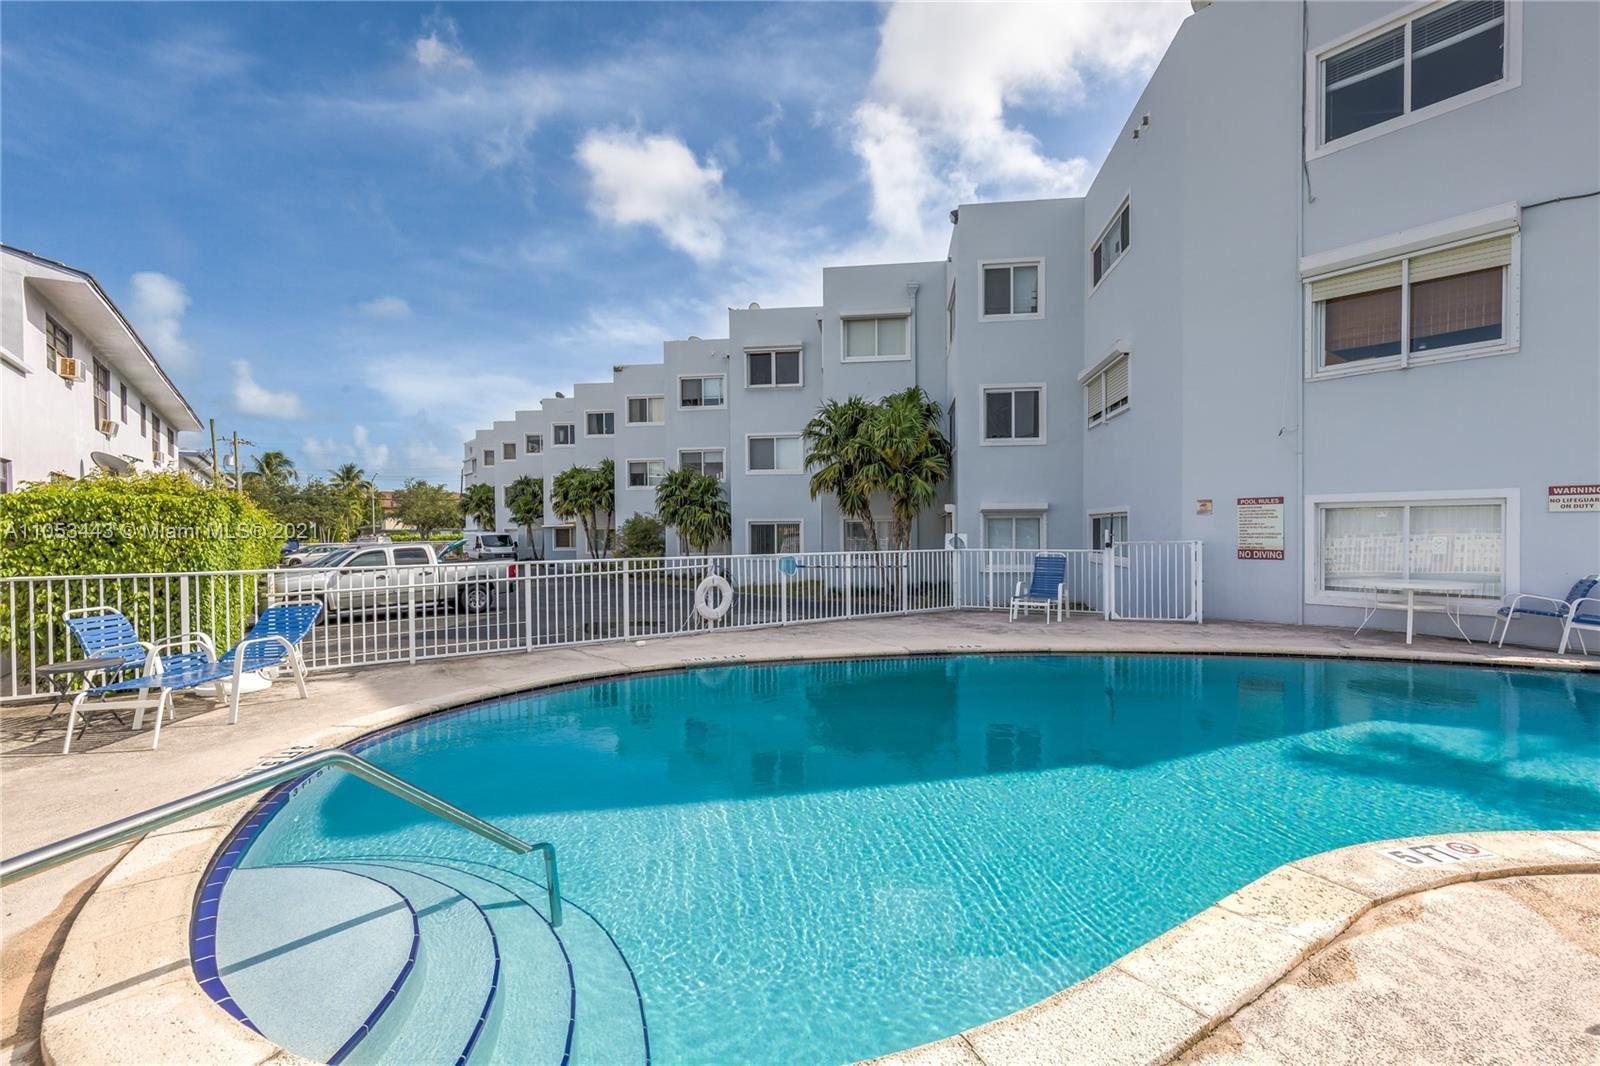 1185 Marseille Dr #301, Miami Beach, FL 33141 - #: A11053443